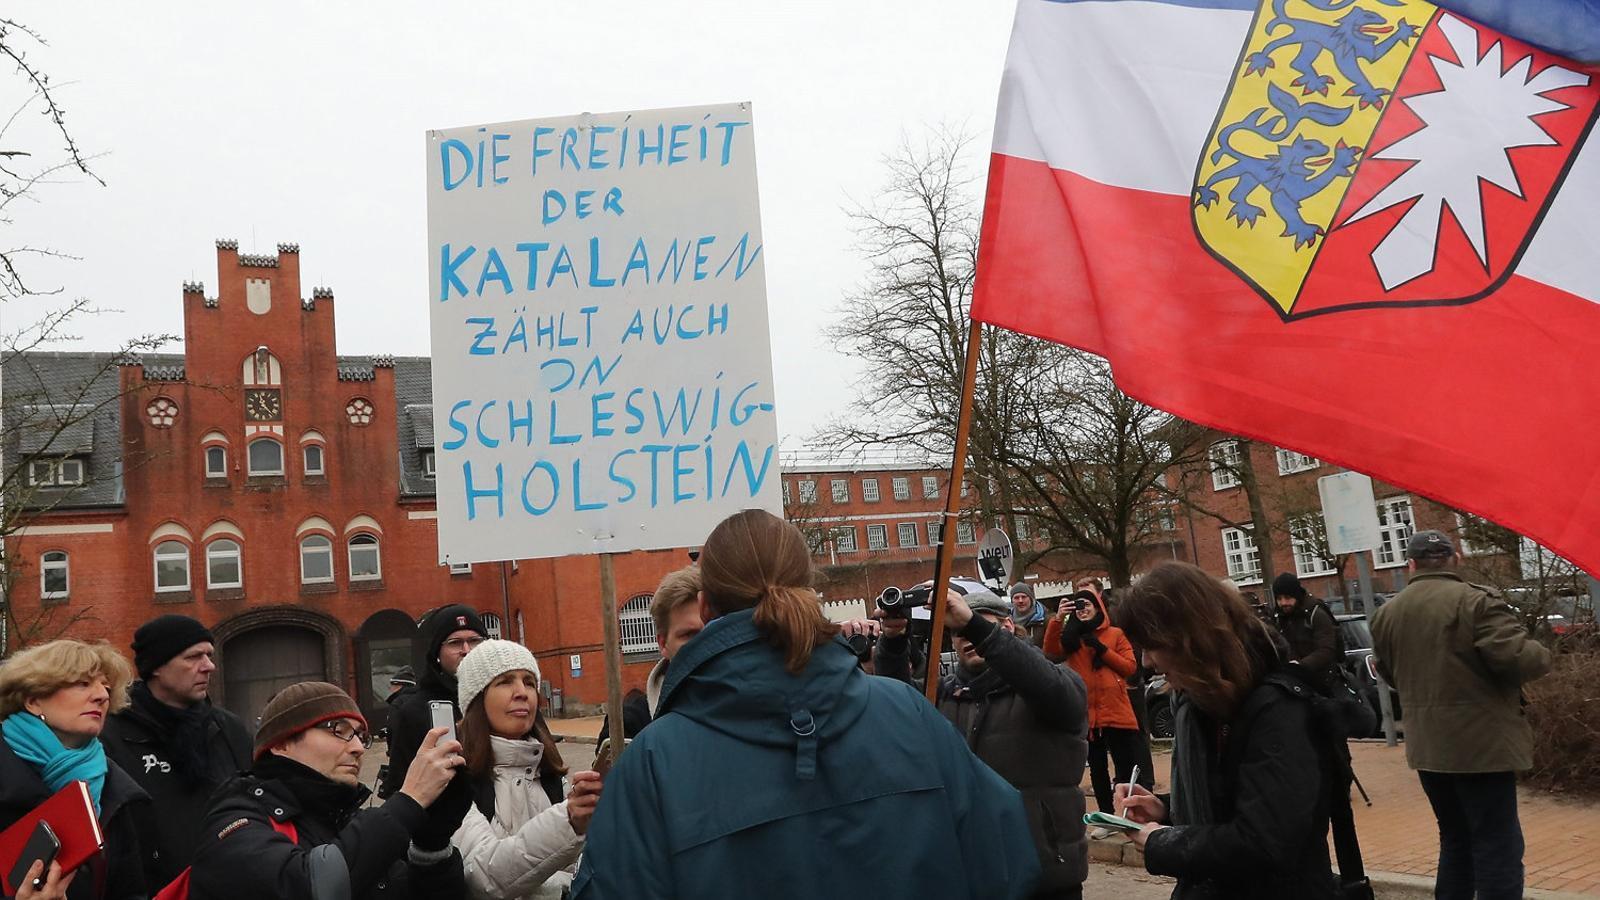 Ciutadans alemanys es van concentrar davant la presó de Neumünster mentre Puigdemont  va estar-hi empresonat.